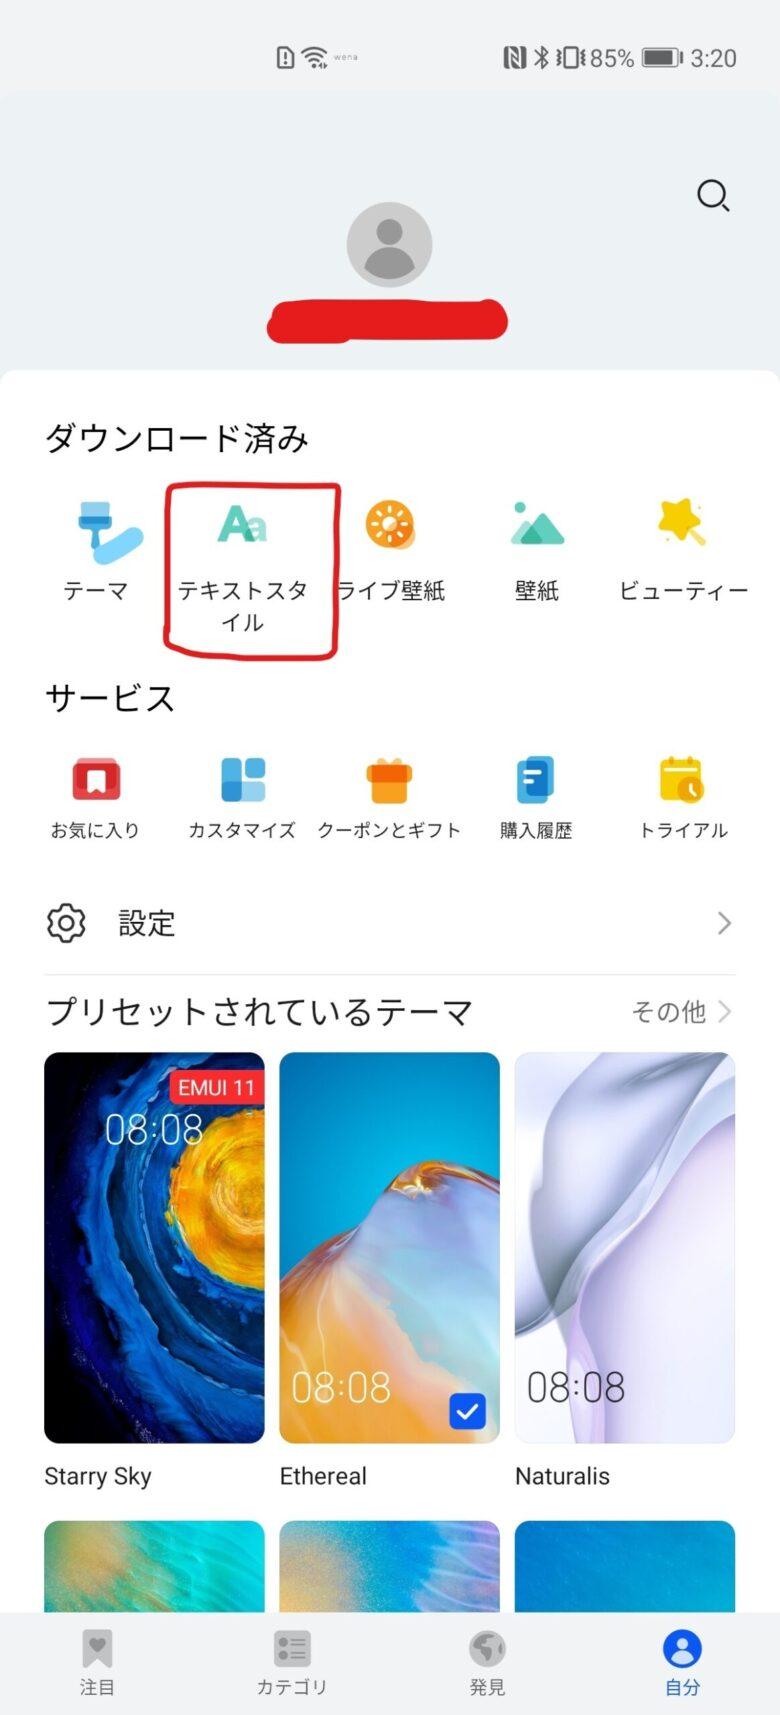 テーマアプリのメニュー画面です。